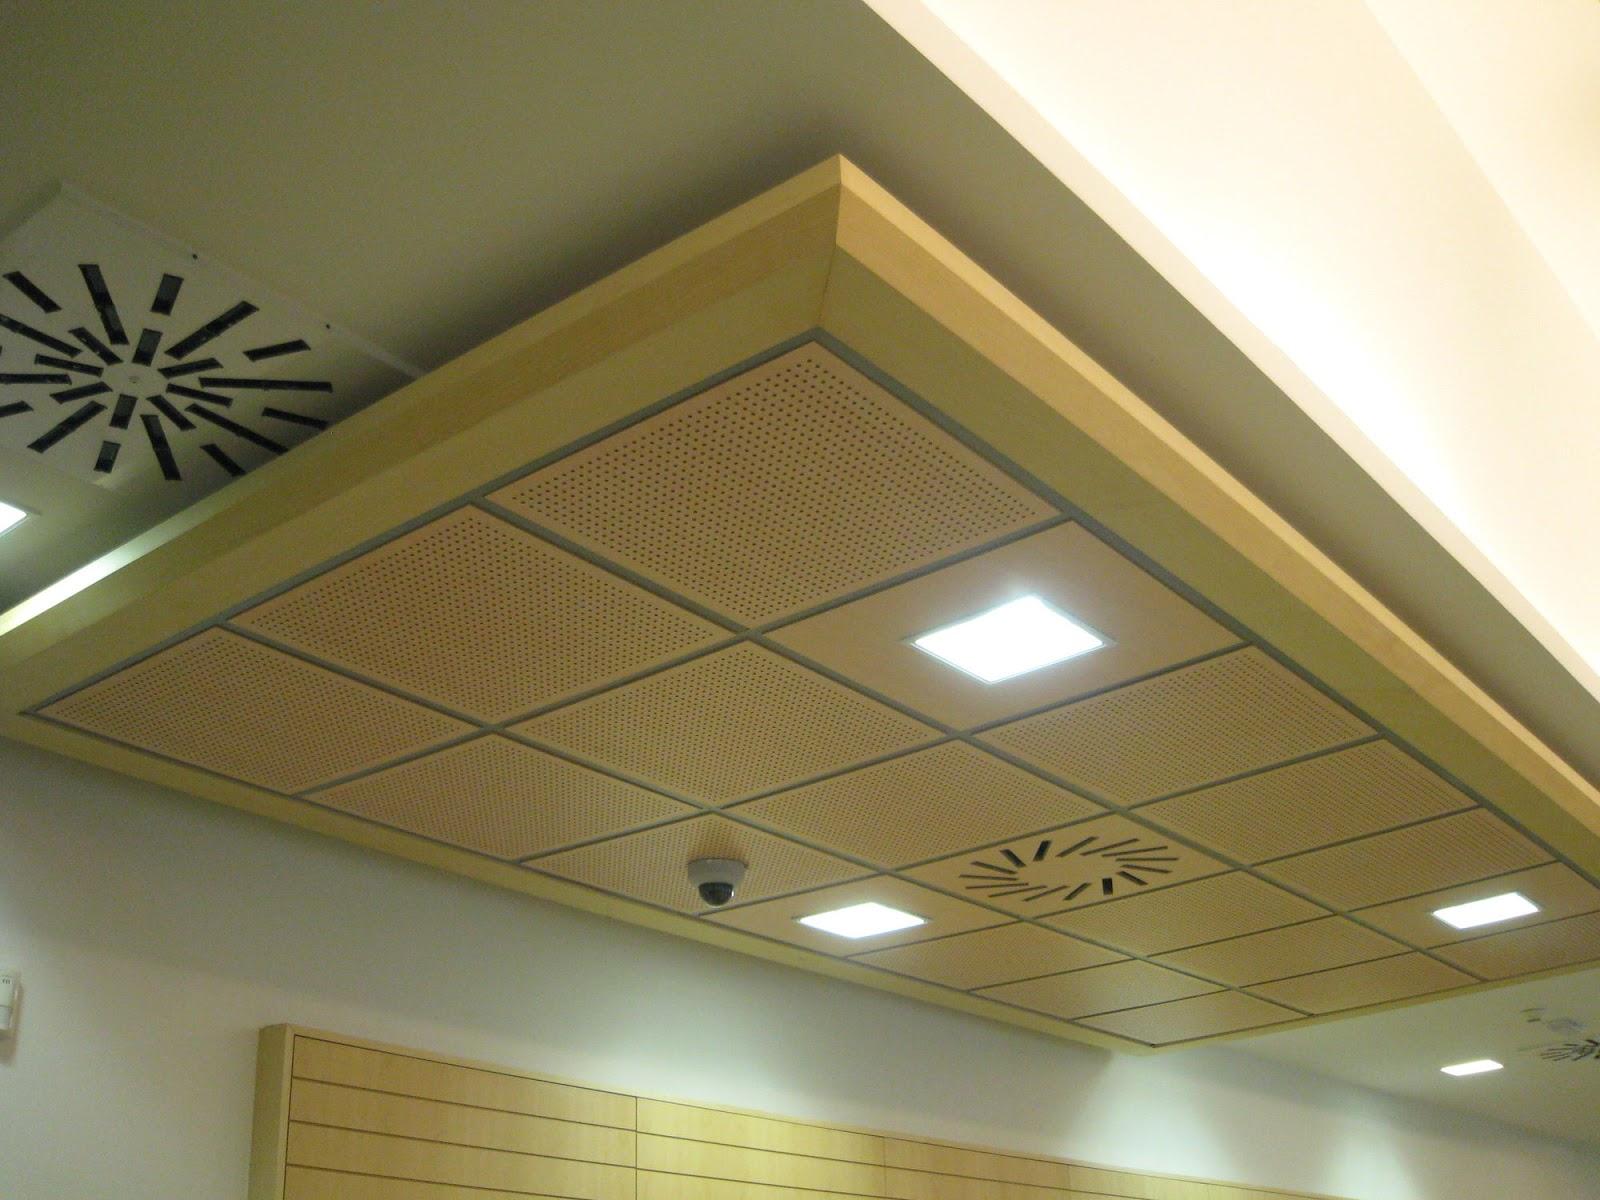 le journal d 39 artisanat marocain photos de faux plafonds. Black Bedroom Furniture Sets. Home Design Ideas